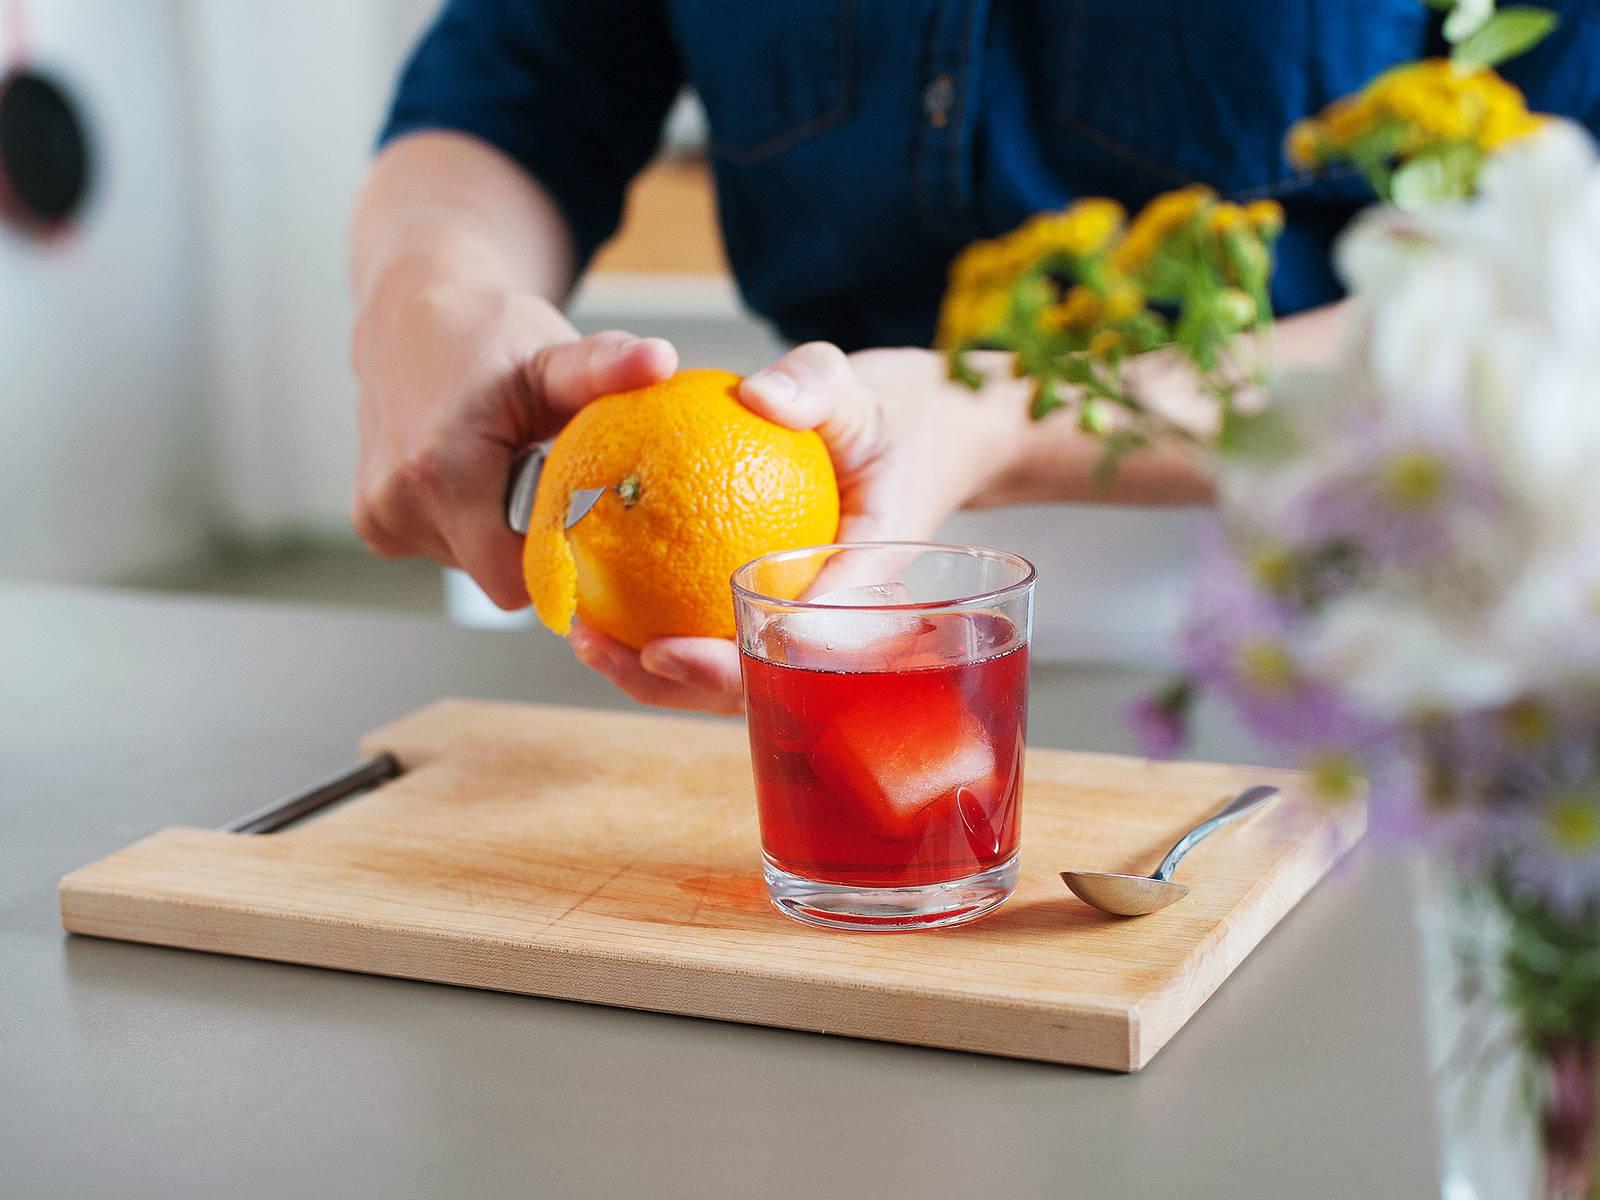 切一橘子片,轻轻用其涂抹酒杯边缘,然后用它作为装饰。尽情享用吧!